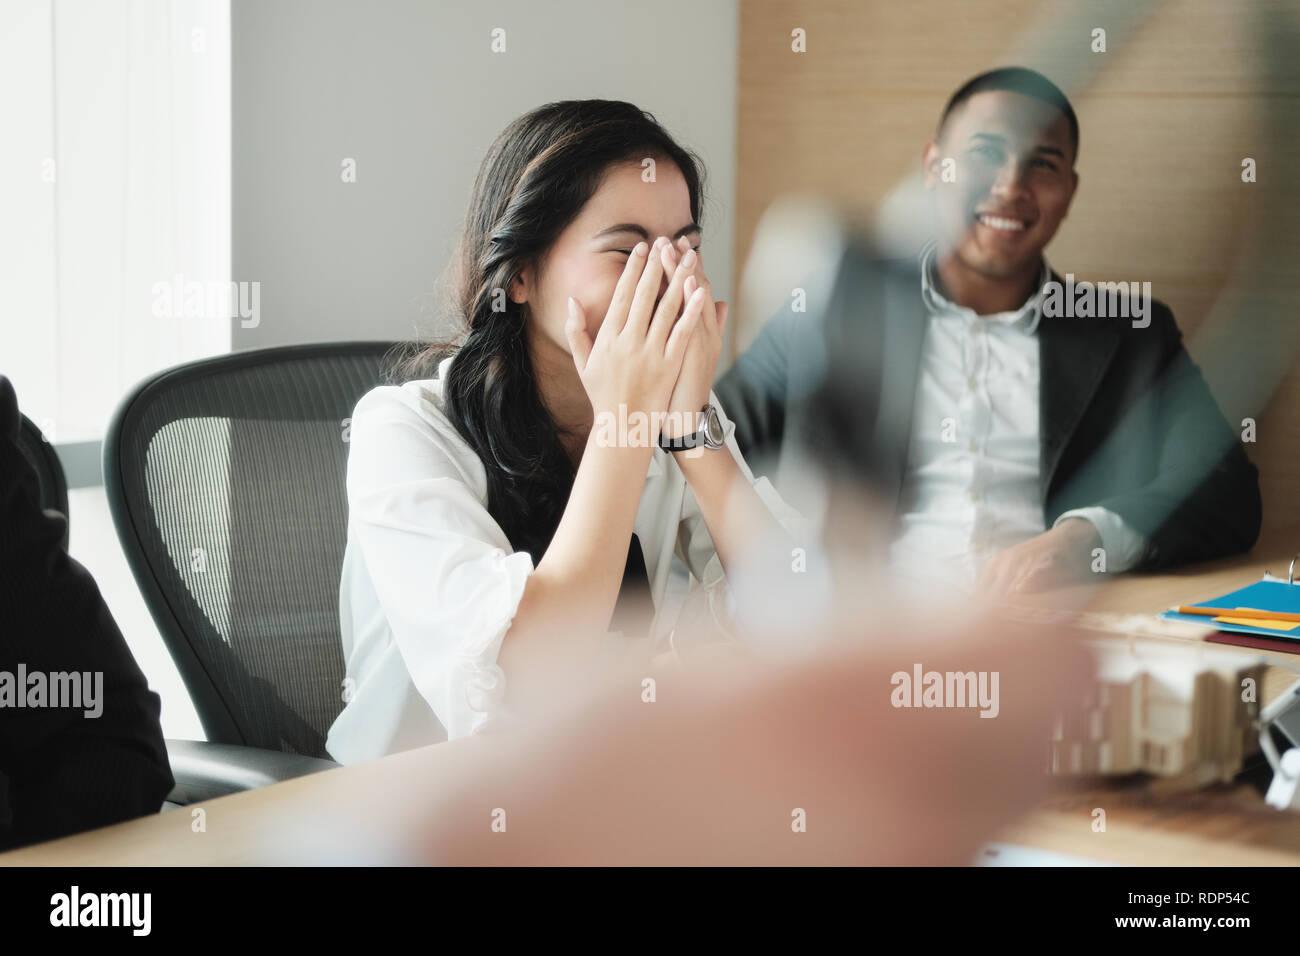 Teamwork mit jungen asiatischen Geschäftsfrau und schwarzer Geschäftsmann Stockfoto